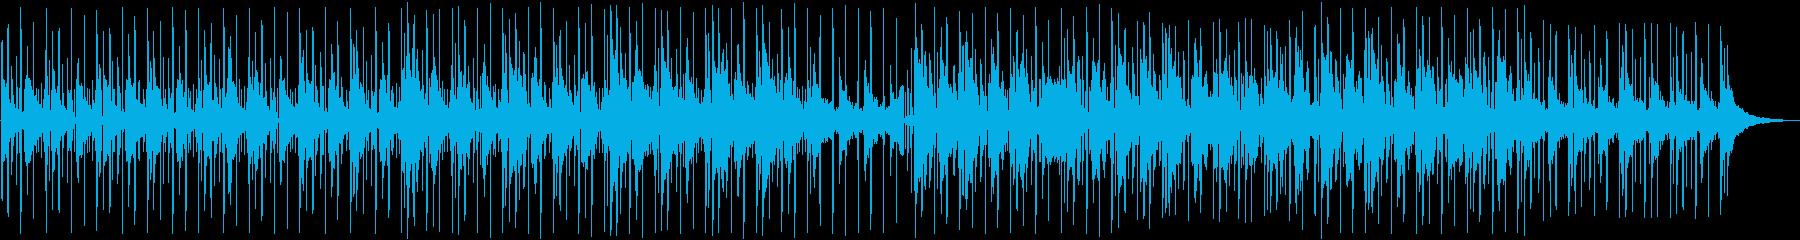 アコースティックでゆったりしたビートの曲の再生済みの波形